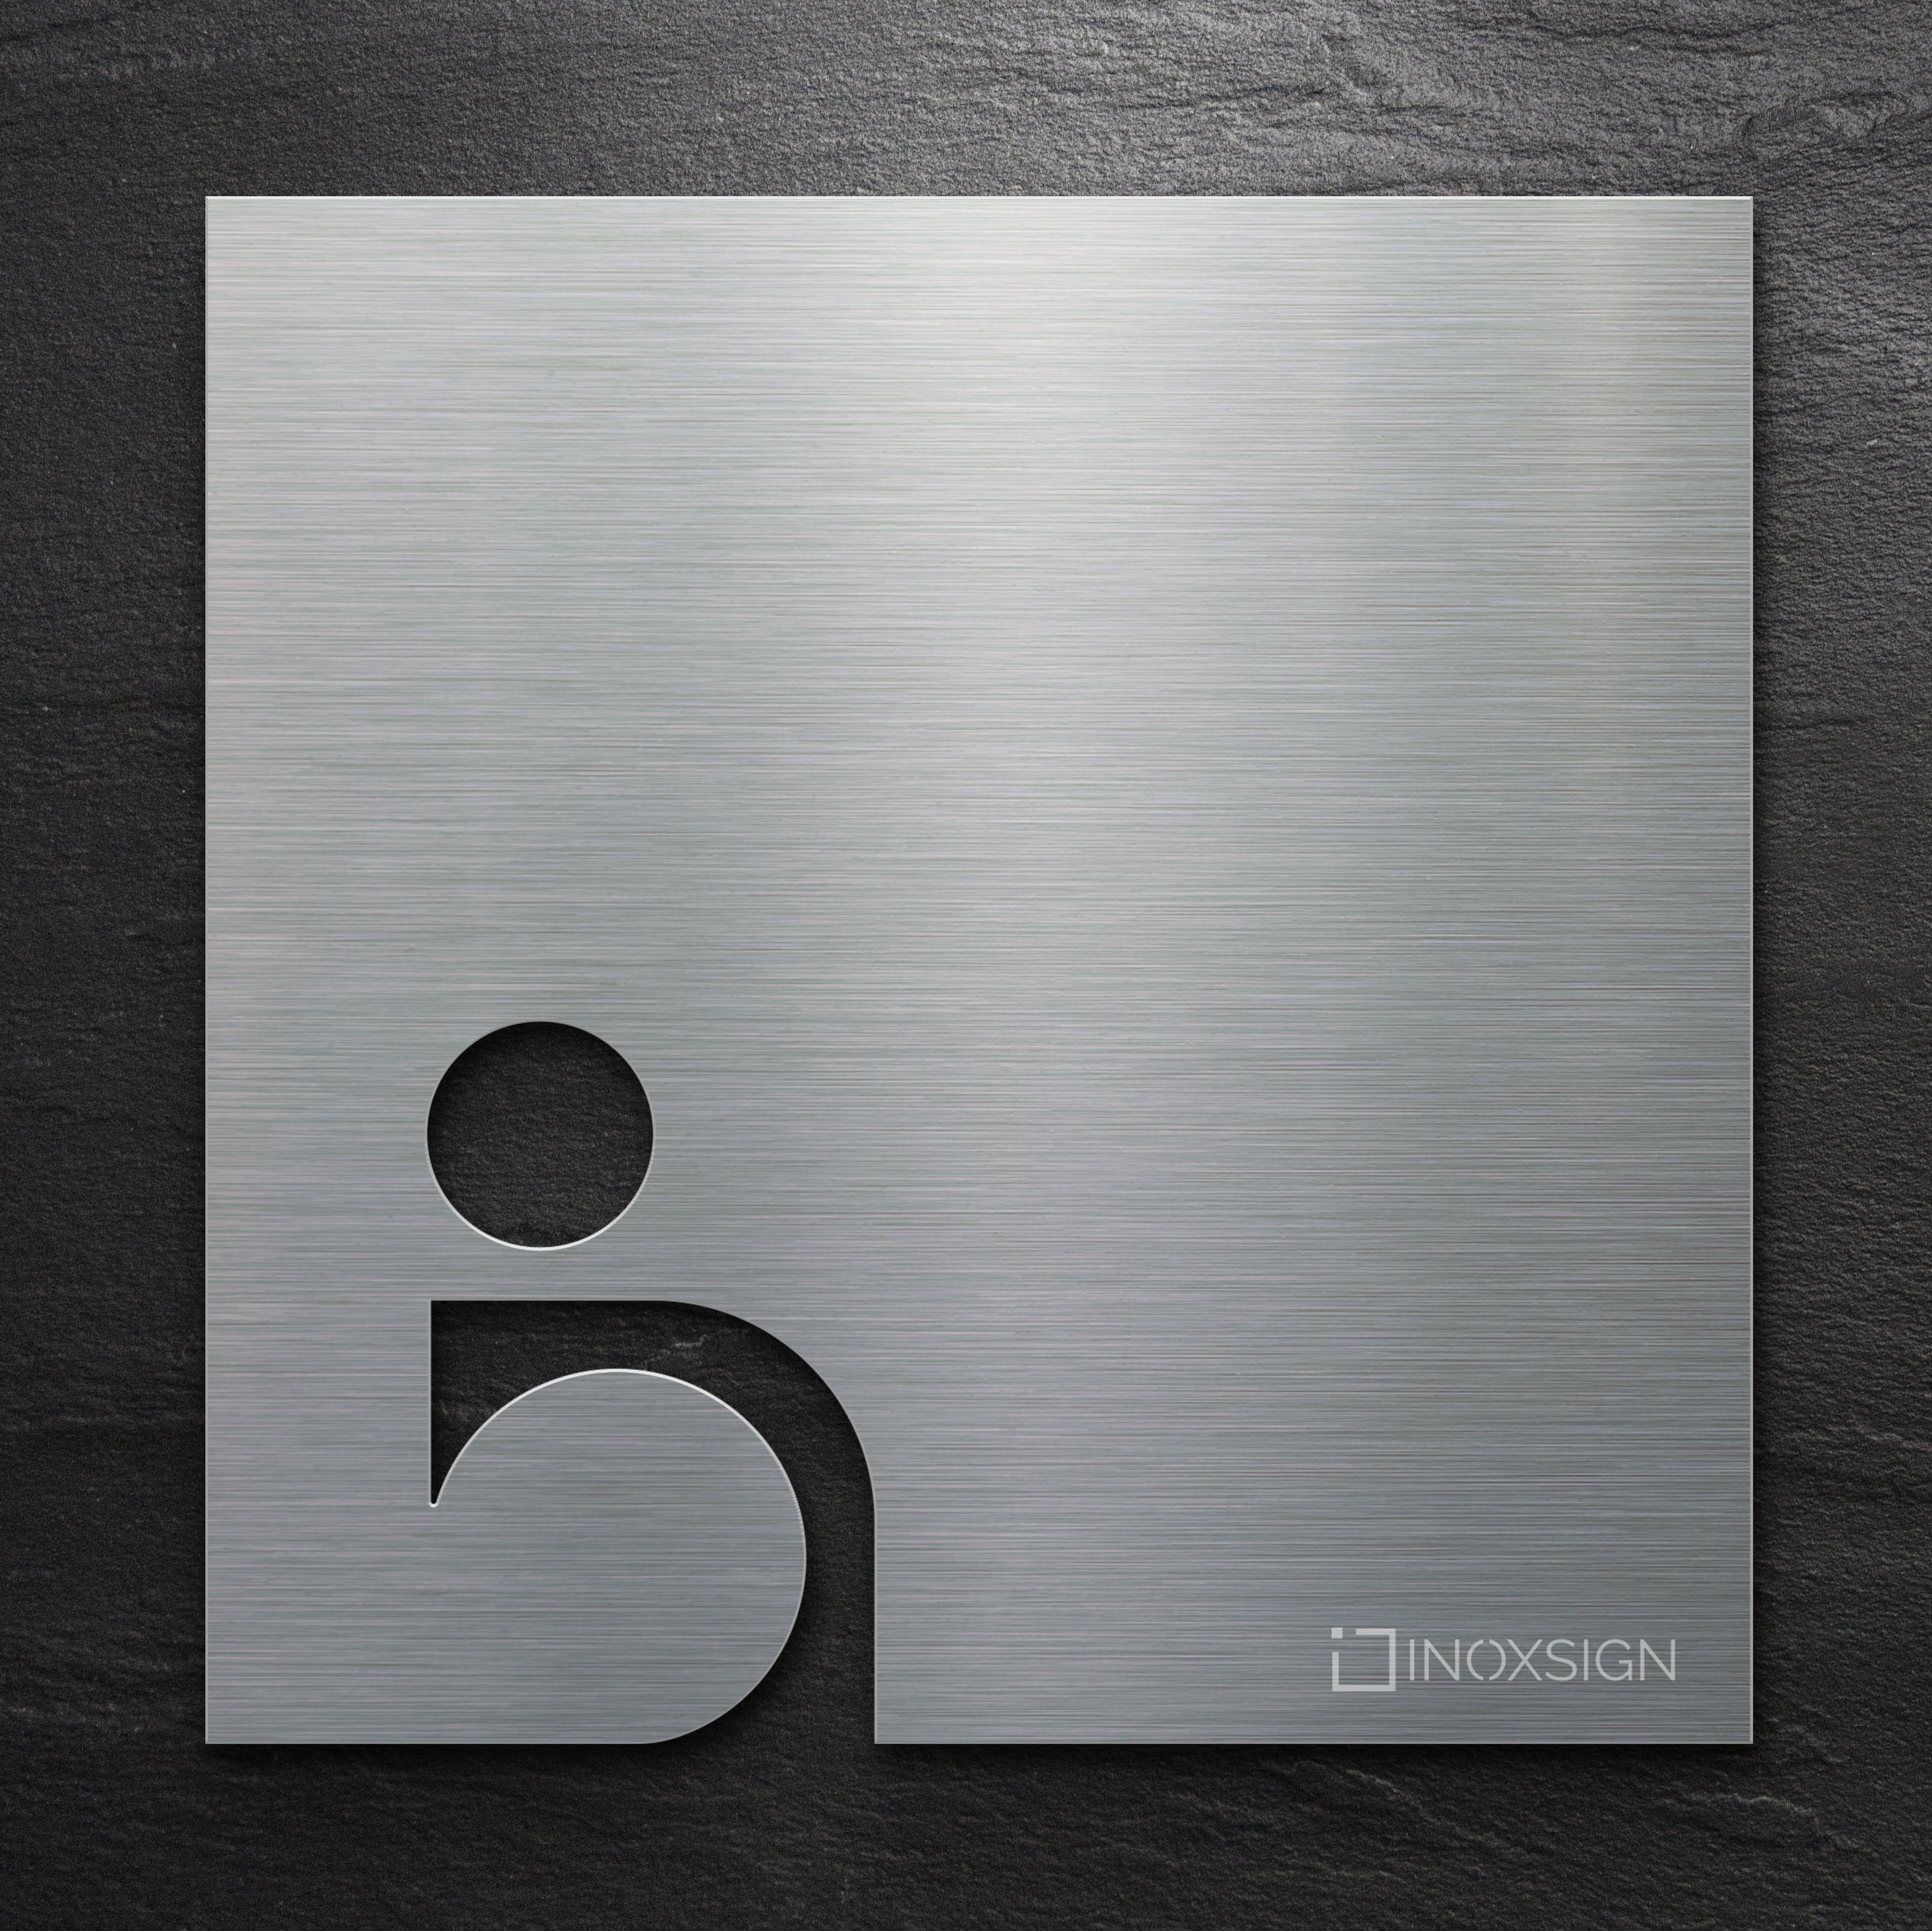 Inoxsign Business Kollektion B03 Passend Zu T03 Edelstahl Toilettenschilder Barrierefreies Wc Selbstklebend Design Wc Schild R Toilettenschilder Wc Schild Und Toilettenzeichen